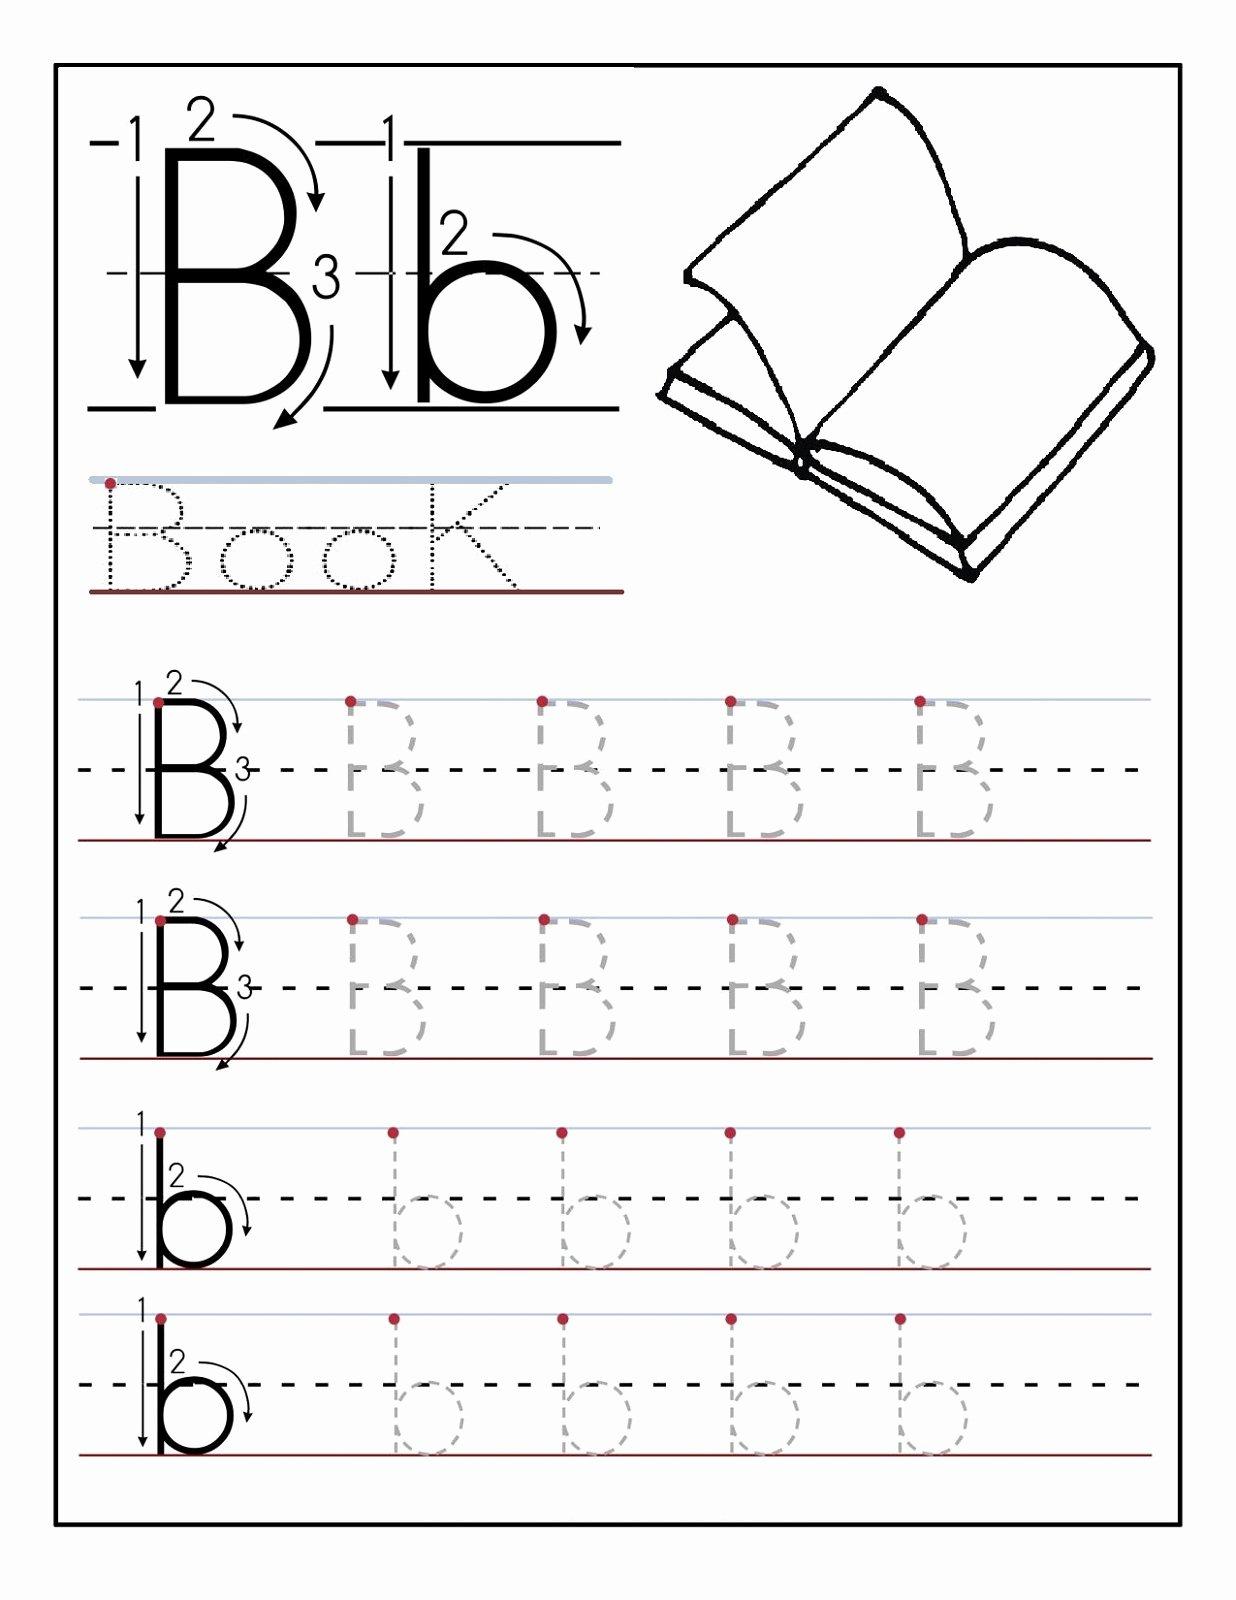 Alphabet Worksheets for Preschoolers Inspirational Preschool Alphabet Worksheets